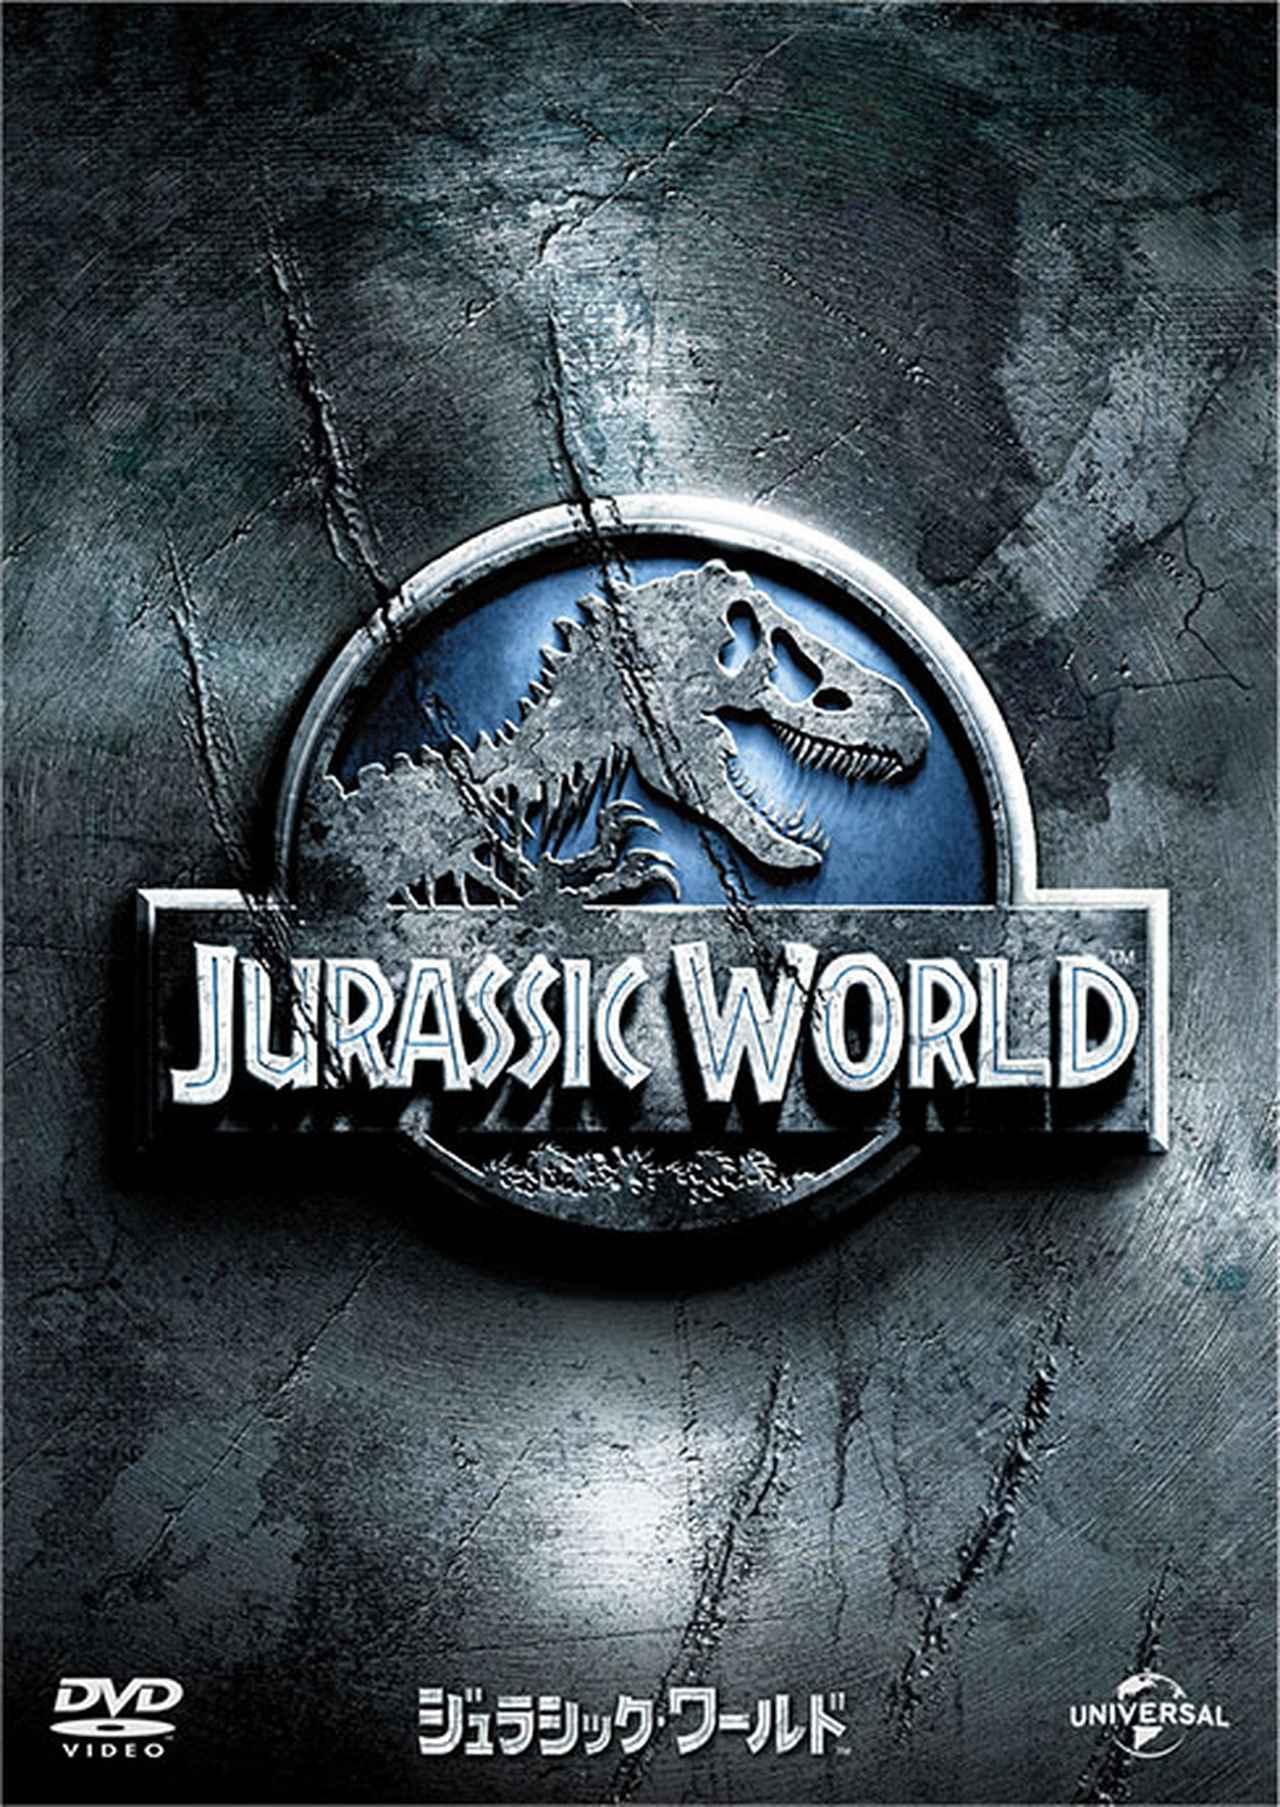 画像: 『ジュラシック・ワールド』 ©2016 Universal Studios. All Rights Reserved. Blu-ray: 1,886 円+税/DVD: 1,429 円+税 発売元:NBCユニバーサル・エンターテイメント